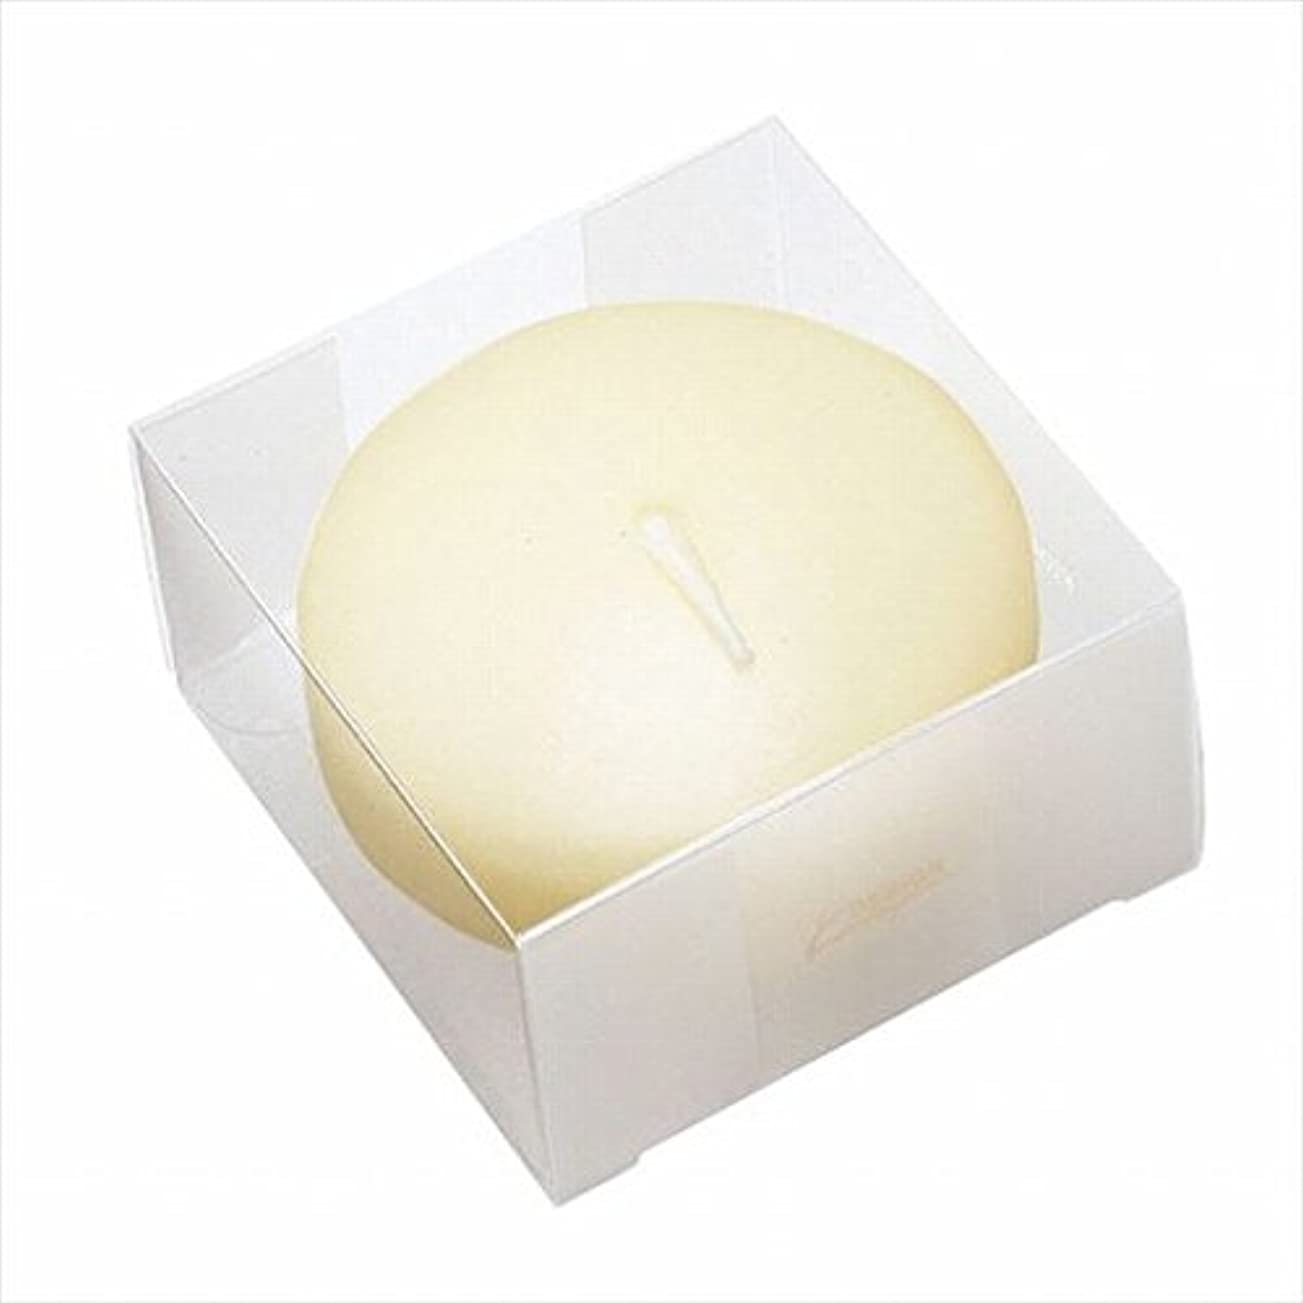 満了豊富な胚芽カメヤマキャンドル(kameyama candle) プール80(箱入り) 「 アイボリー 」